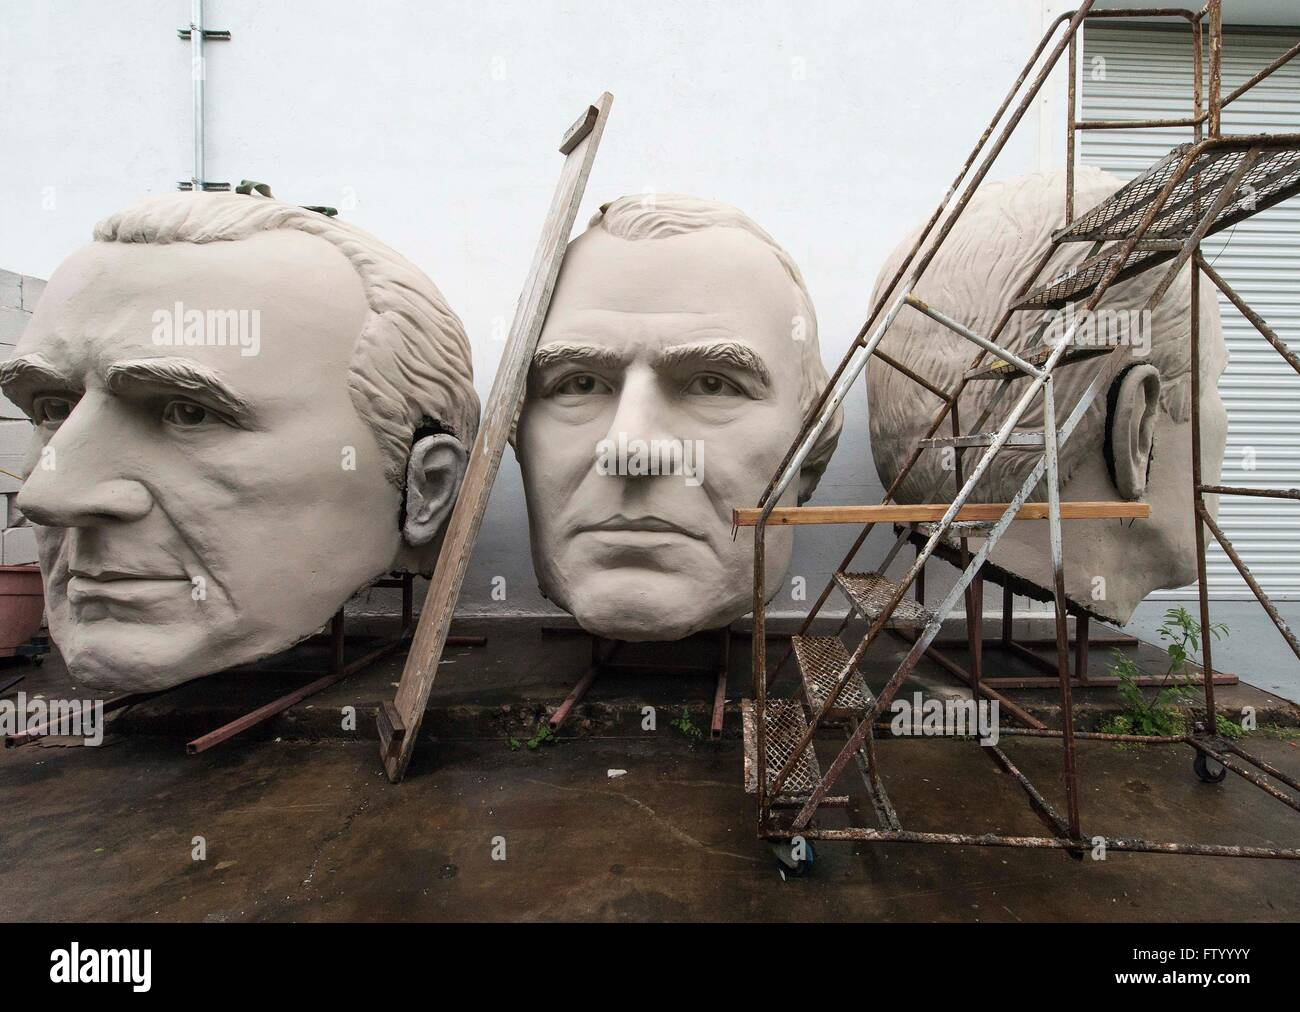 Marzo 30, 2016 - Houston, Texas, EE.UU. elecciones presidenciales jefes por el escultor David Adickes se almacenan en la Adickes Sculpturworx Studio hasta un momento en el que se encuentra un hogar permanente para ellos.(Credit Image: © Brian Cahn via ZUMA Wire) Foto de stock